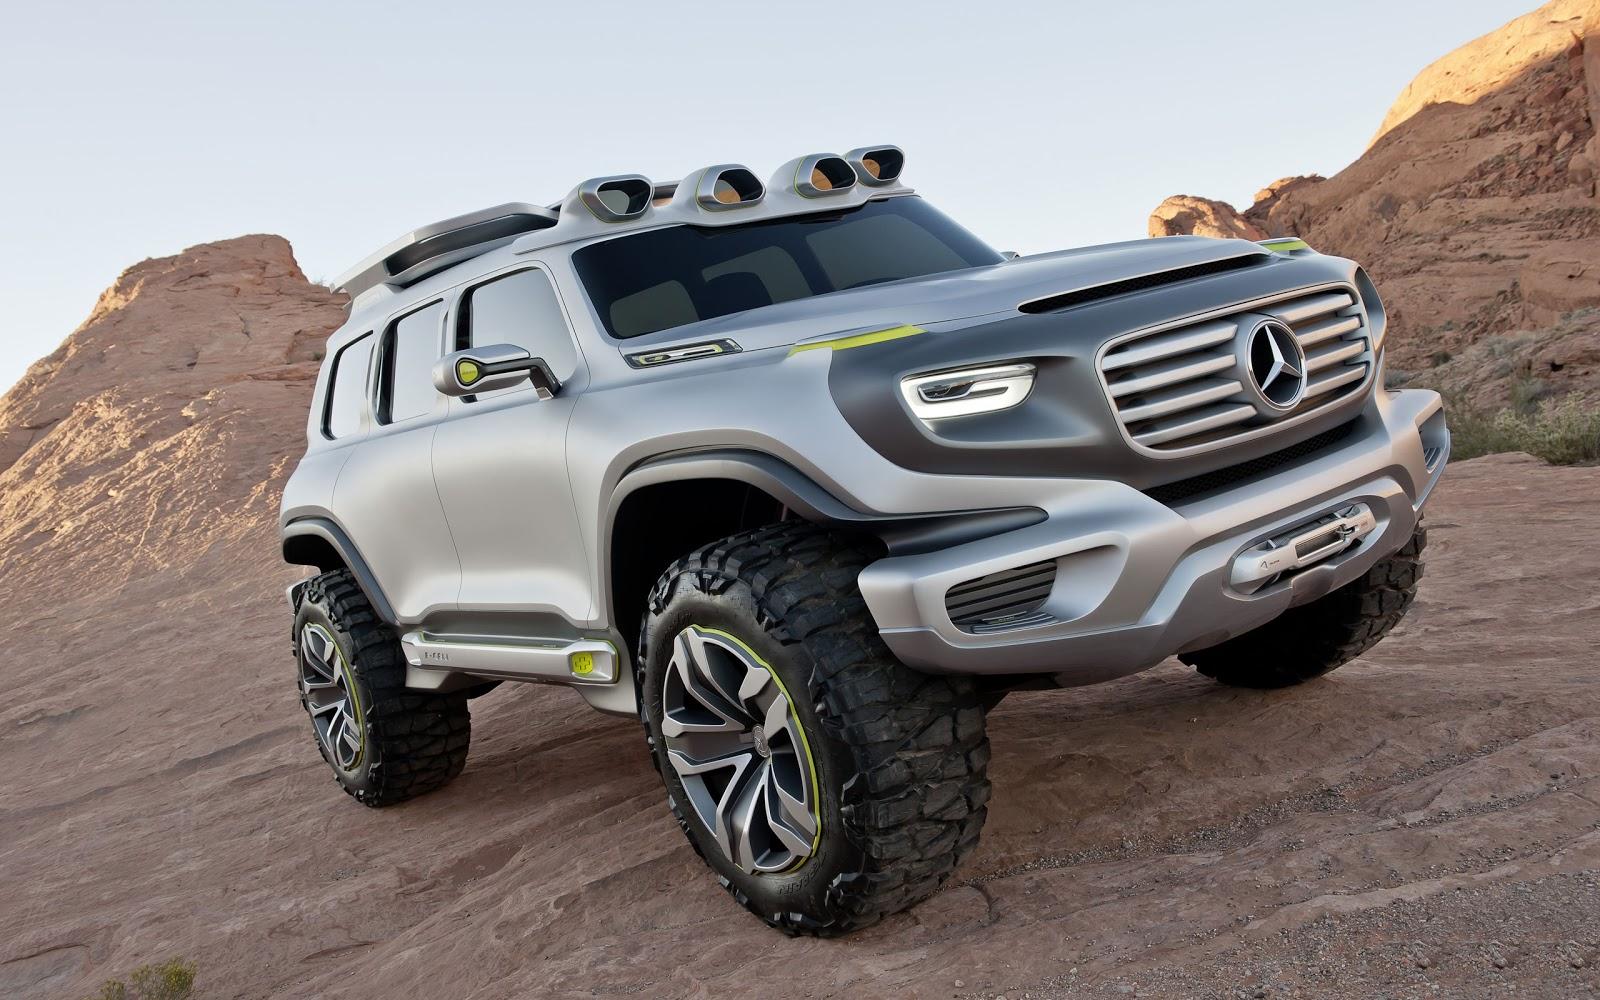 http://4.bp.blogspot.com/-juAGVSVn3wE/ULvcItFEtUI/AAAAAAAAMnk/WS-hrICVsaQ/s1600/mercedes_benz_ener_g_force_concept_car-wide.jpg